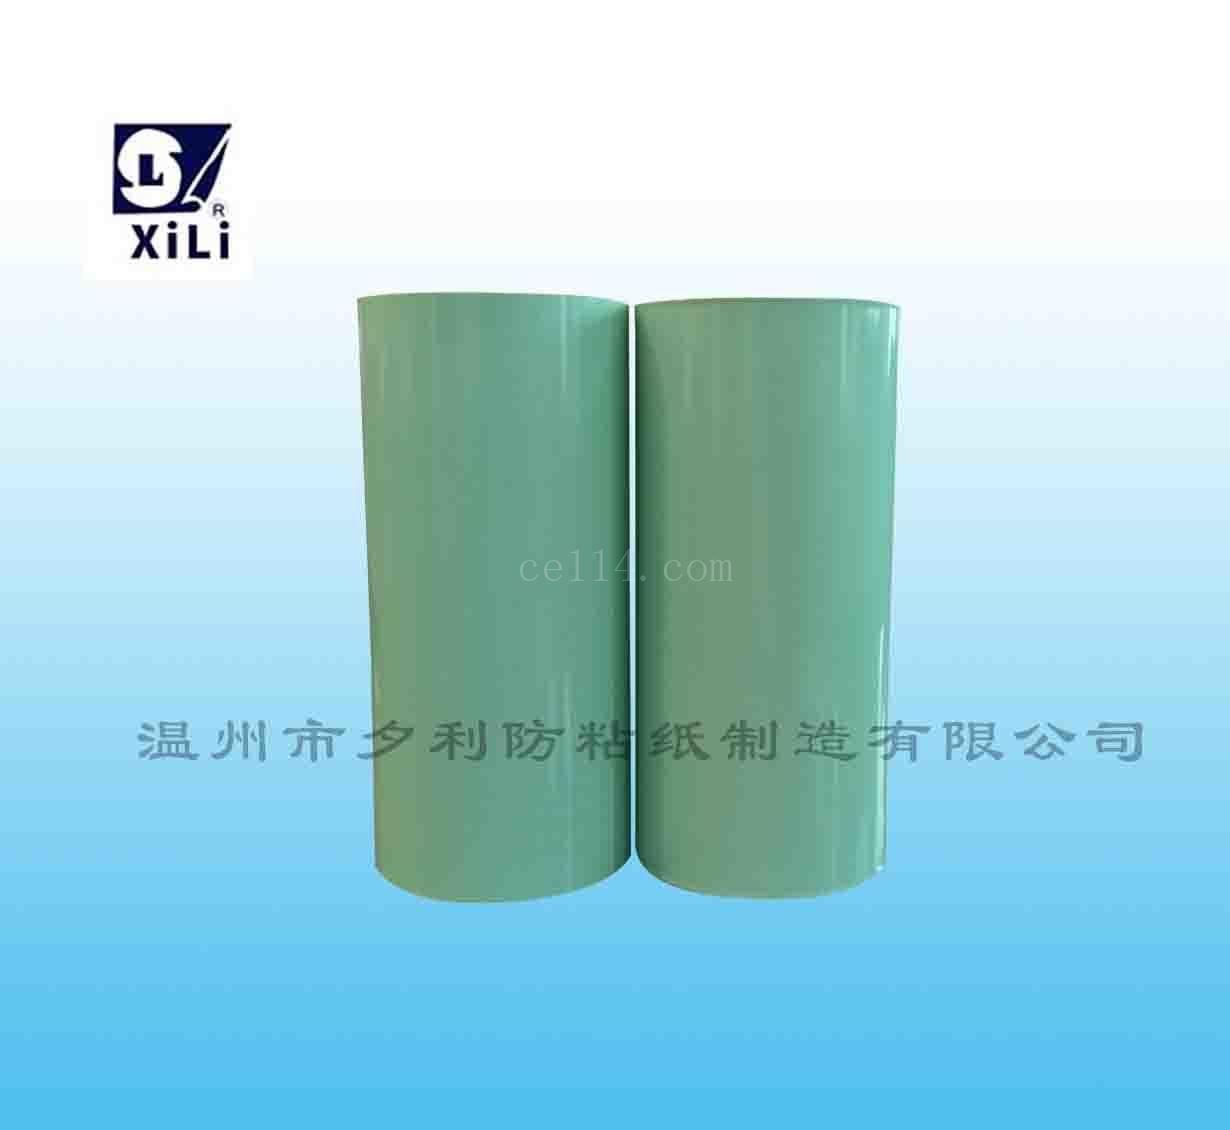 浙江医用印刷离型纸哪家强 有品质的医用离型纸供应